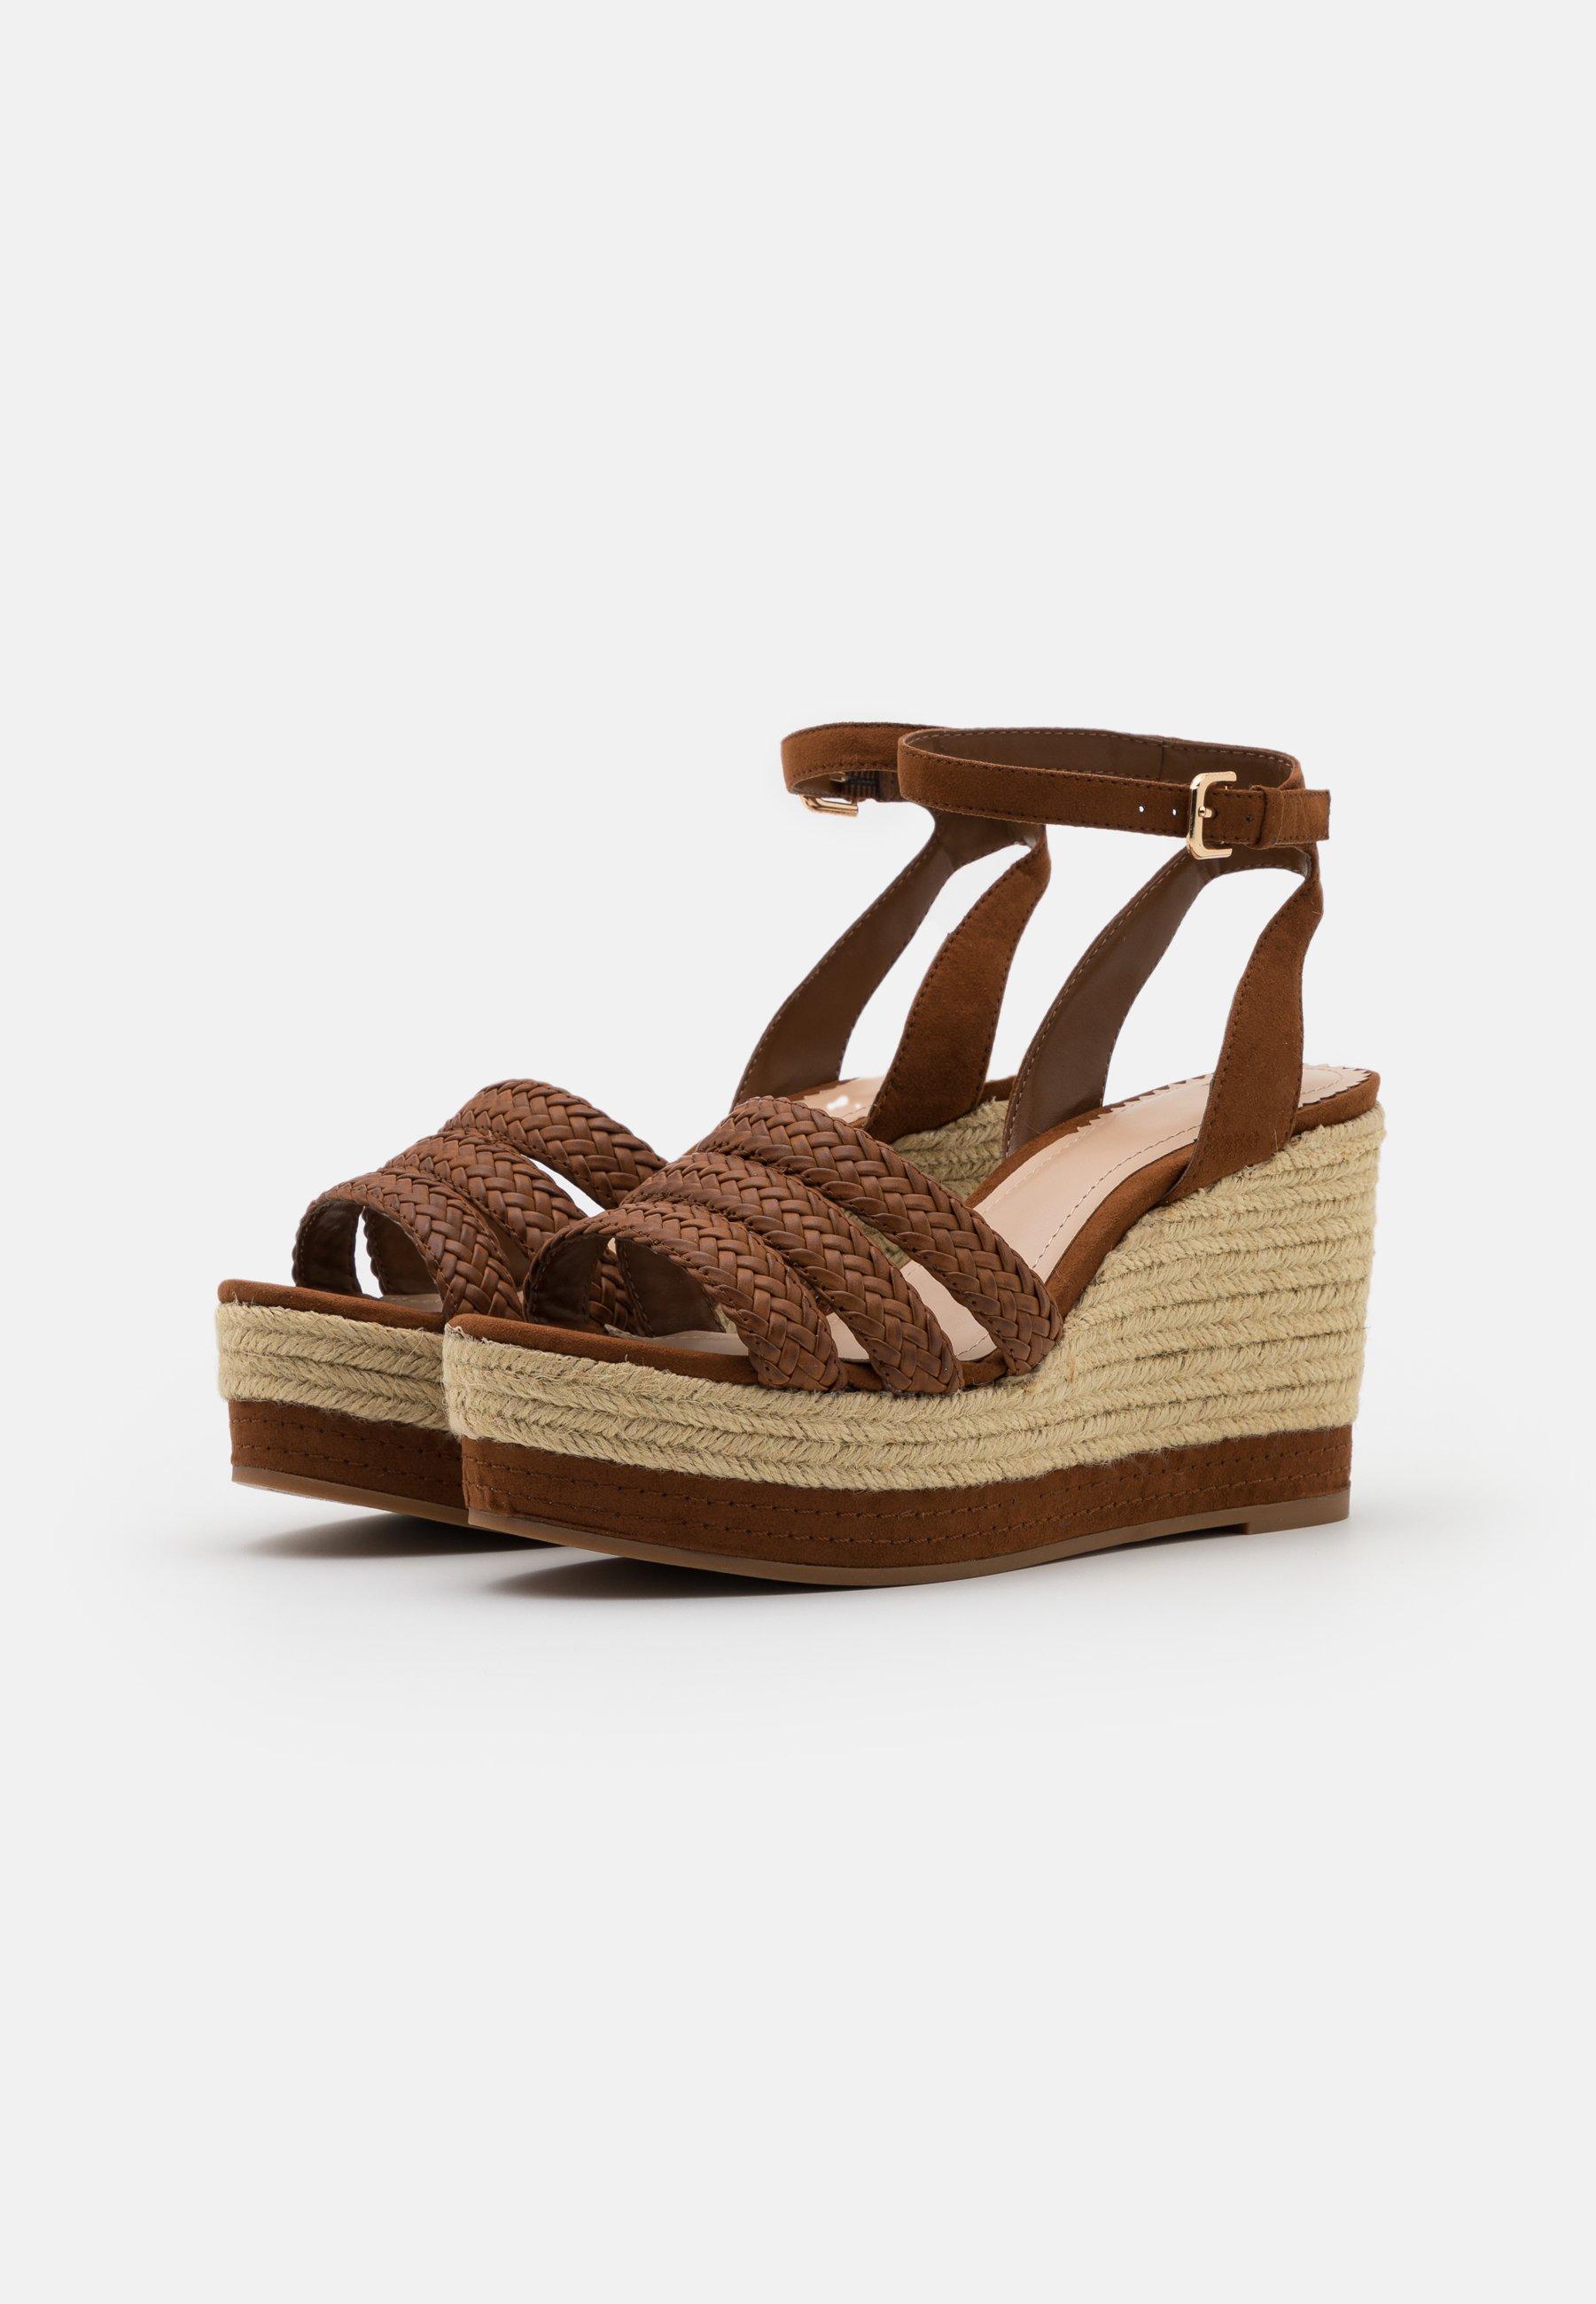 PARFOIS Sandales à talons hauts - camel - Sandales & Nu-pieds femme Designer